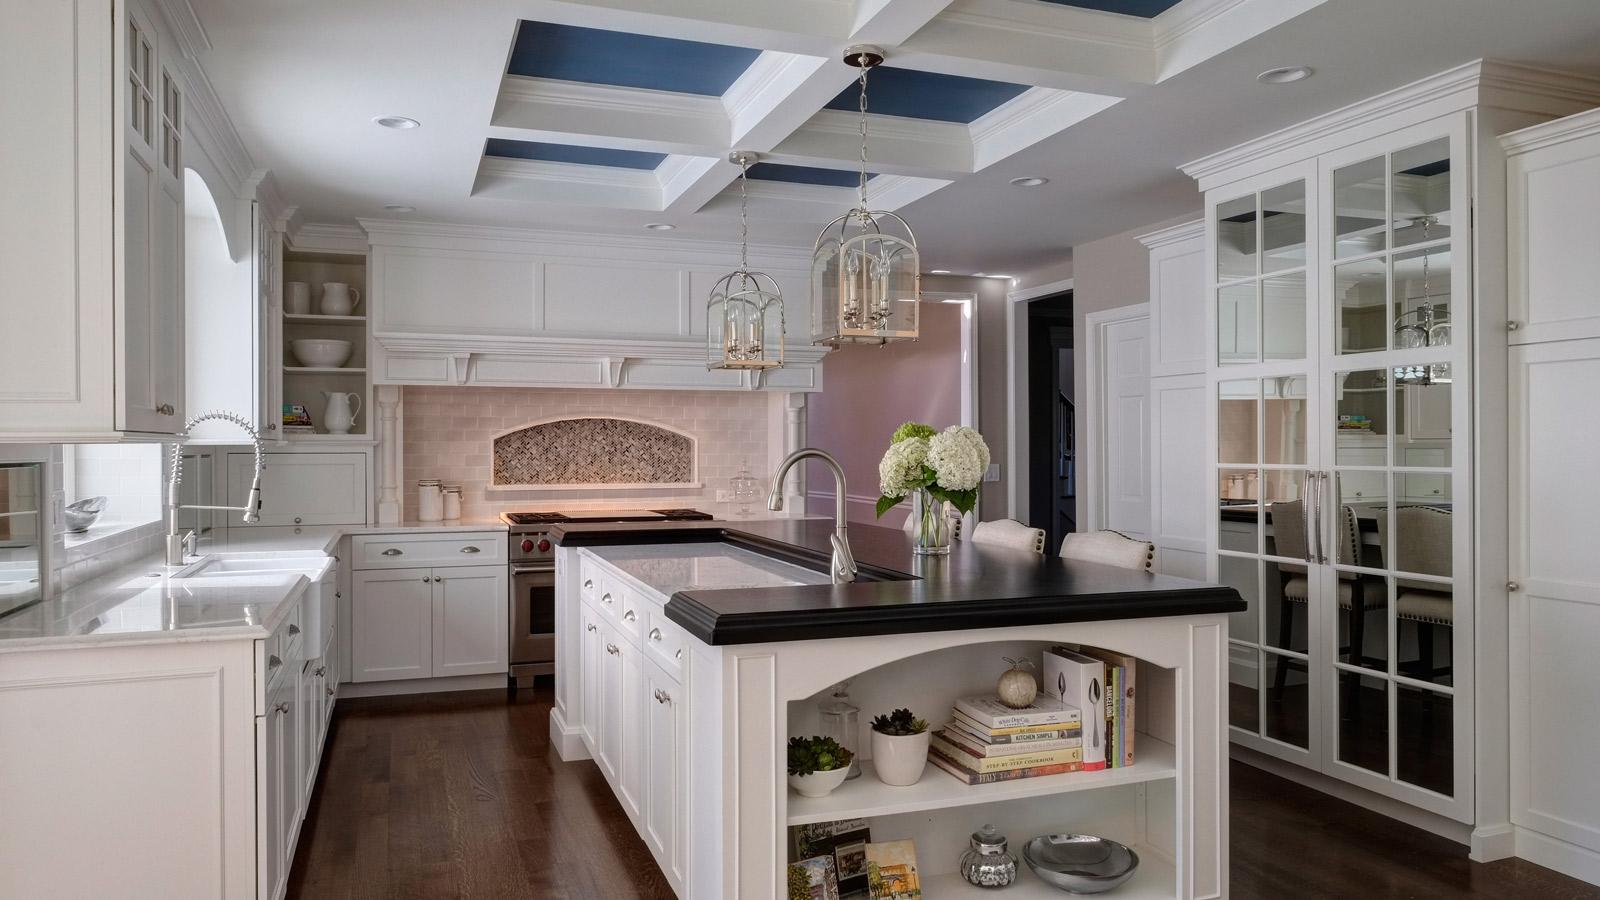 1600 x 900 Bright and Bold Glen Ellyn Kitchen Design drury design